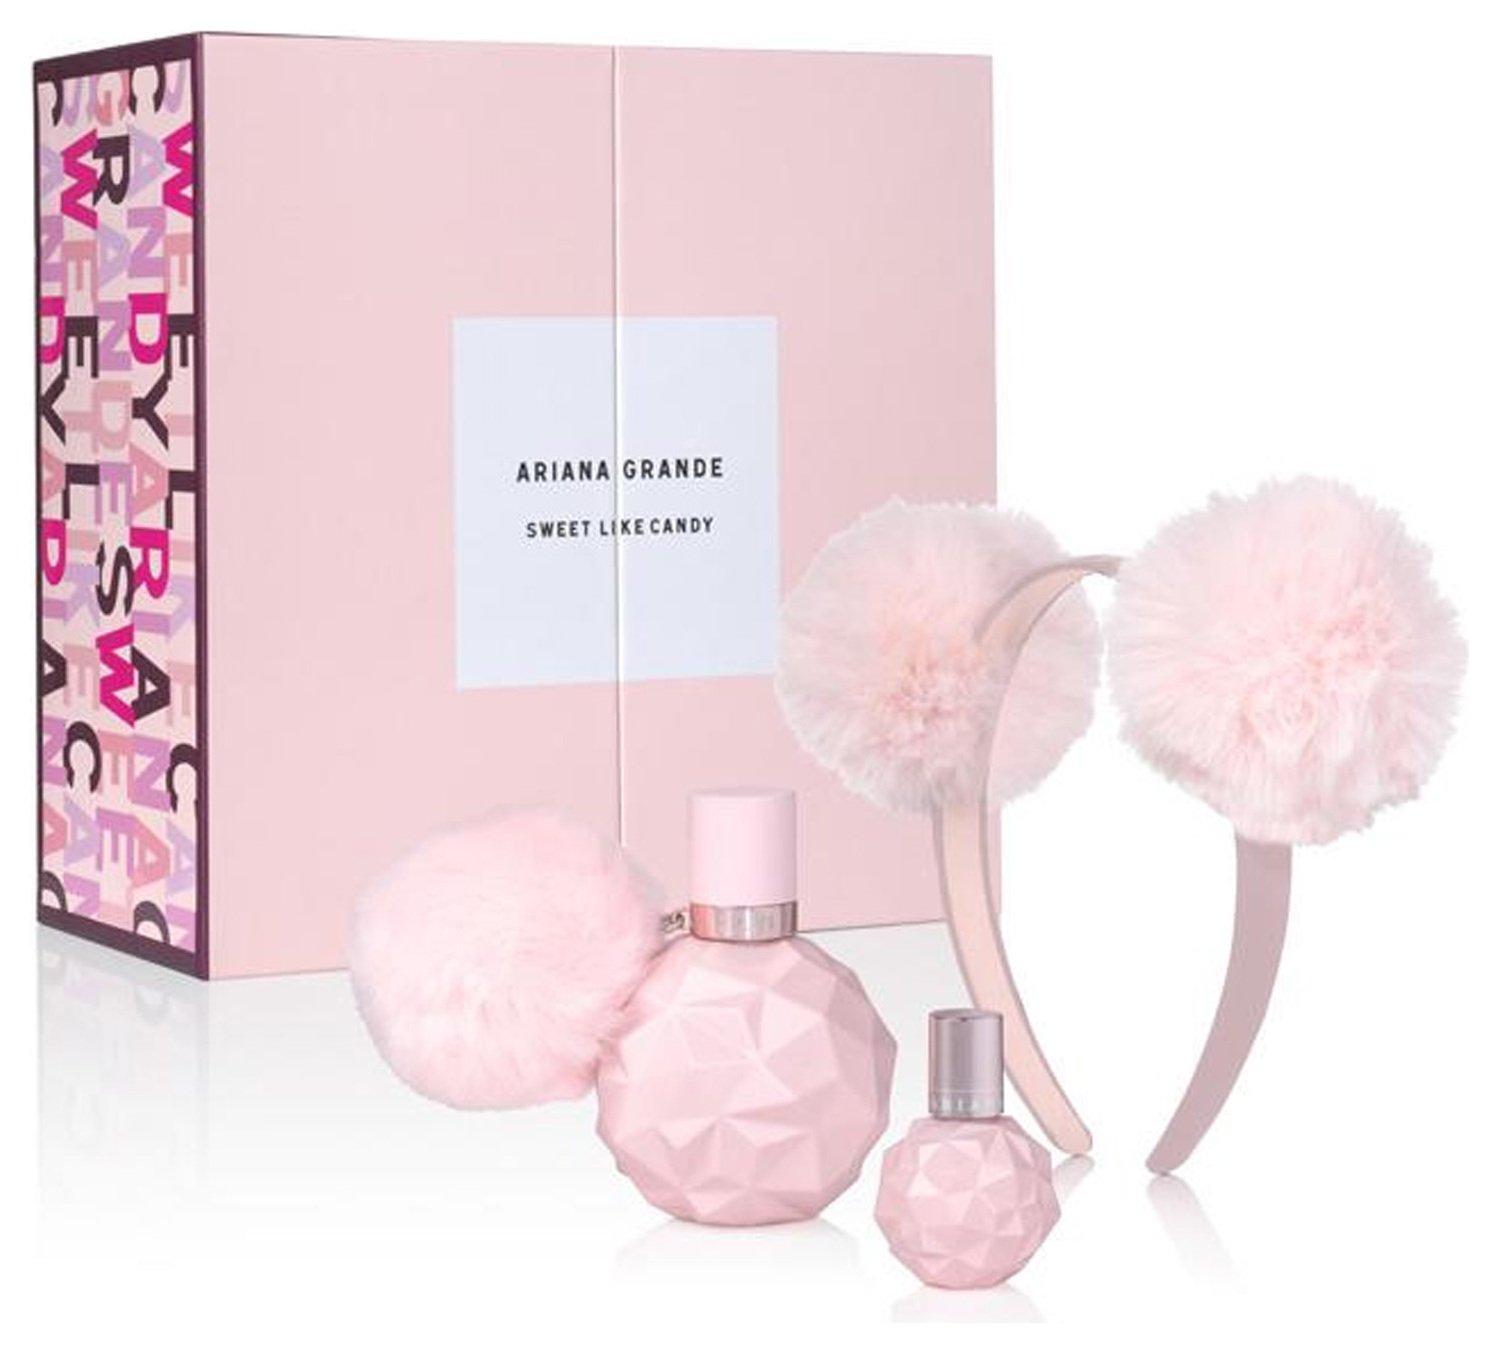 Ariana Grande for Women Eau De Parfum Gift Set review